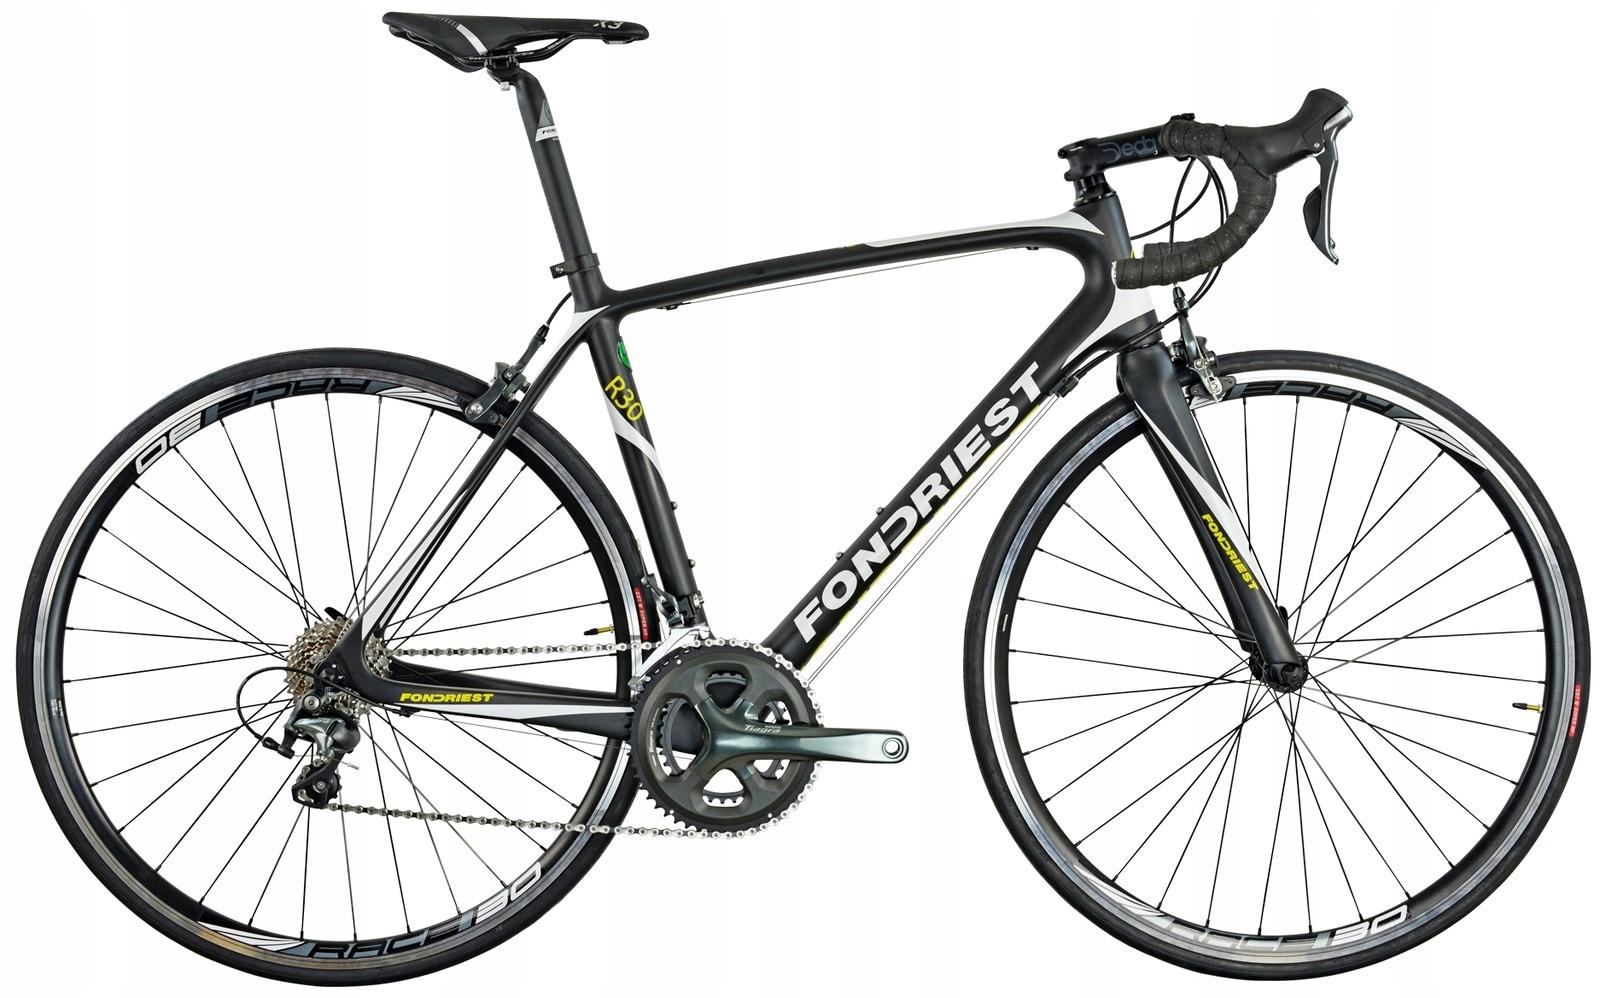 FONDRIEST BICYKEL Bicykel UHLÍKA SHIMANO 28 20biegów